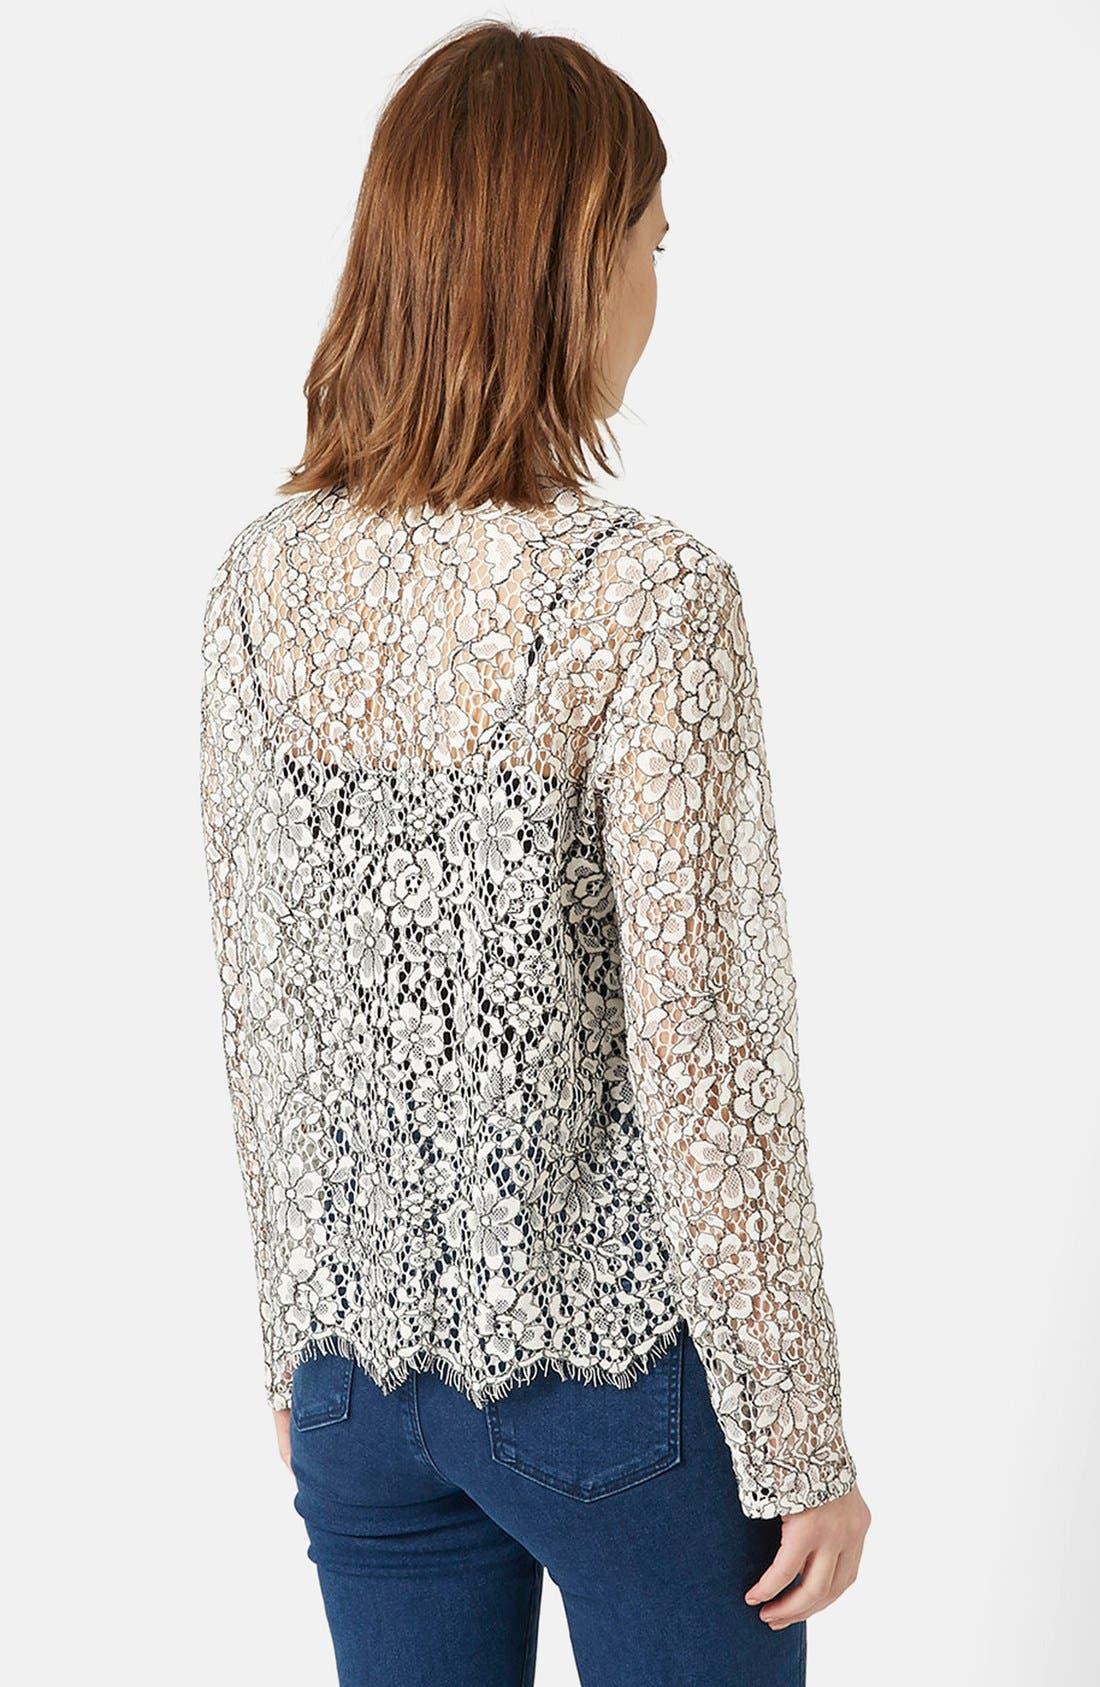 TOPSHOP, Scallop Lace Shirt, Alternate thumbnail 2, color, 900